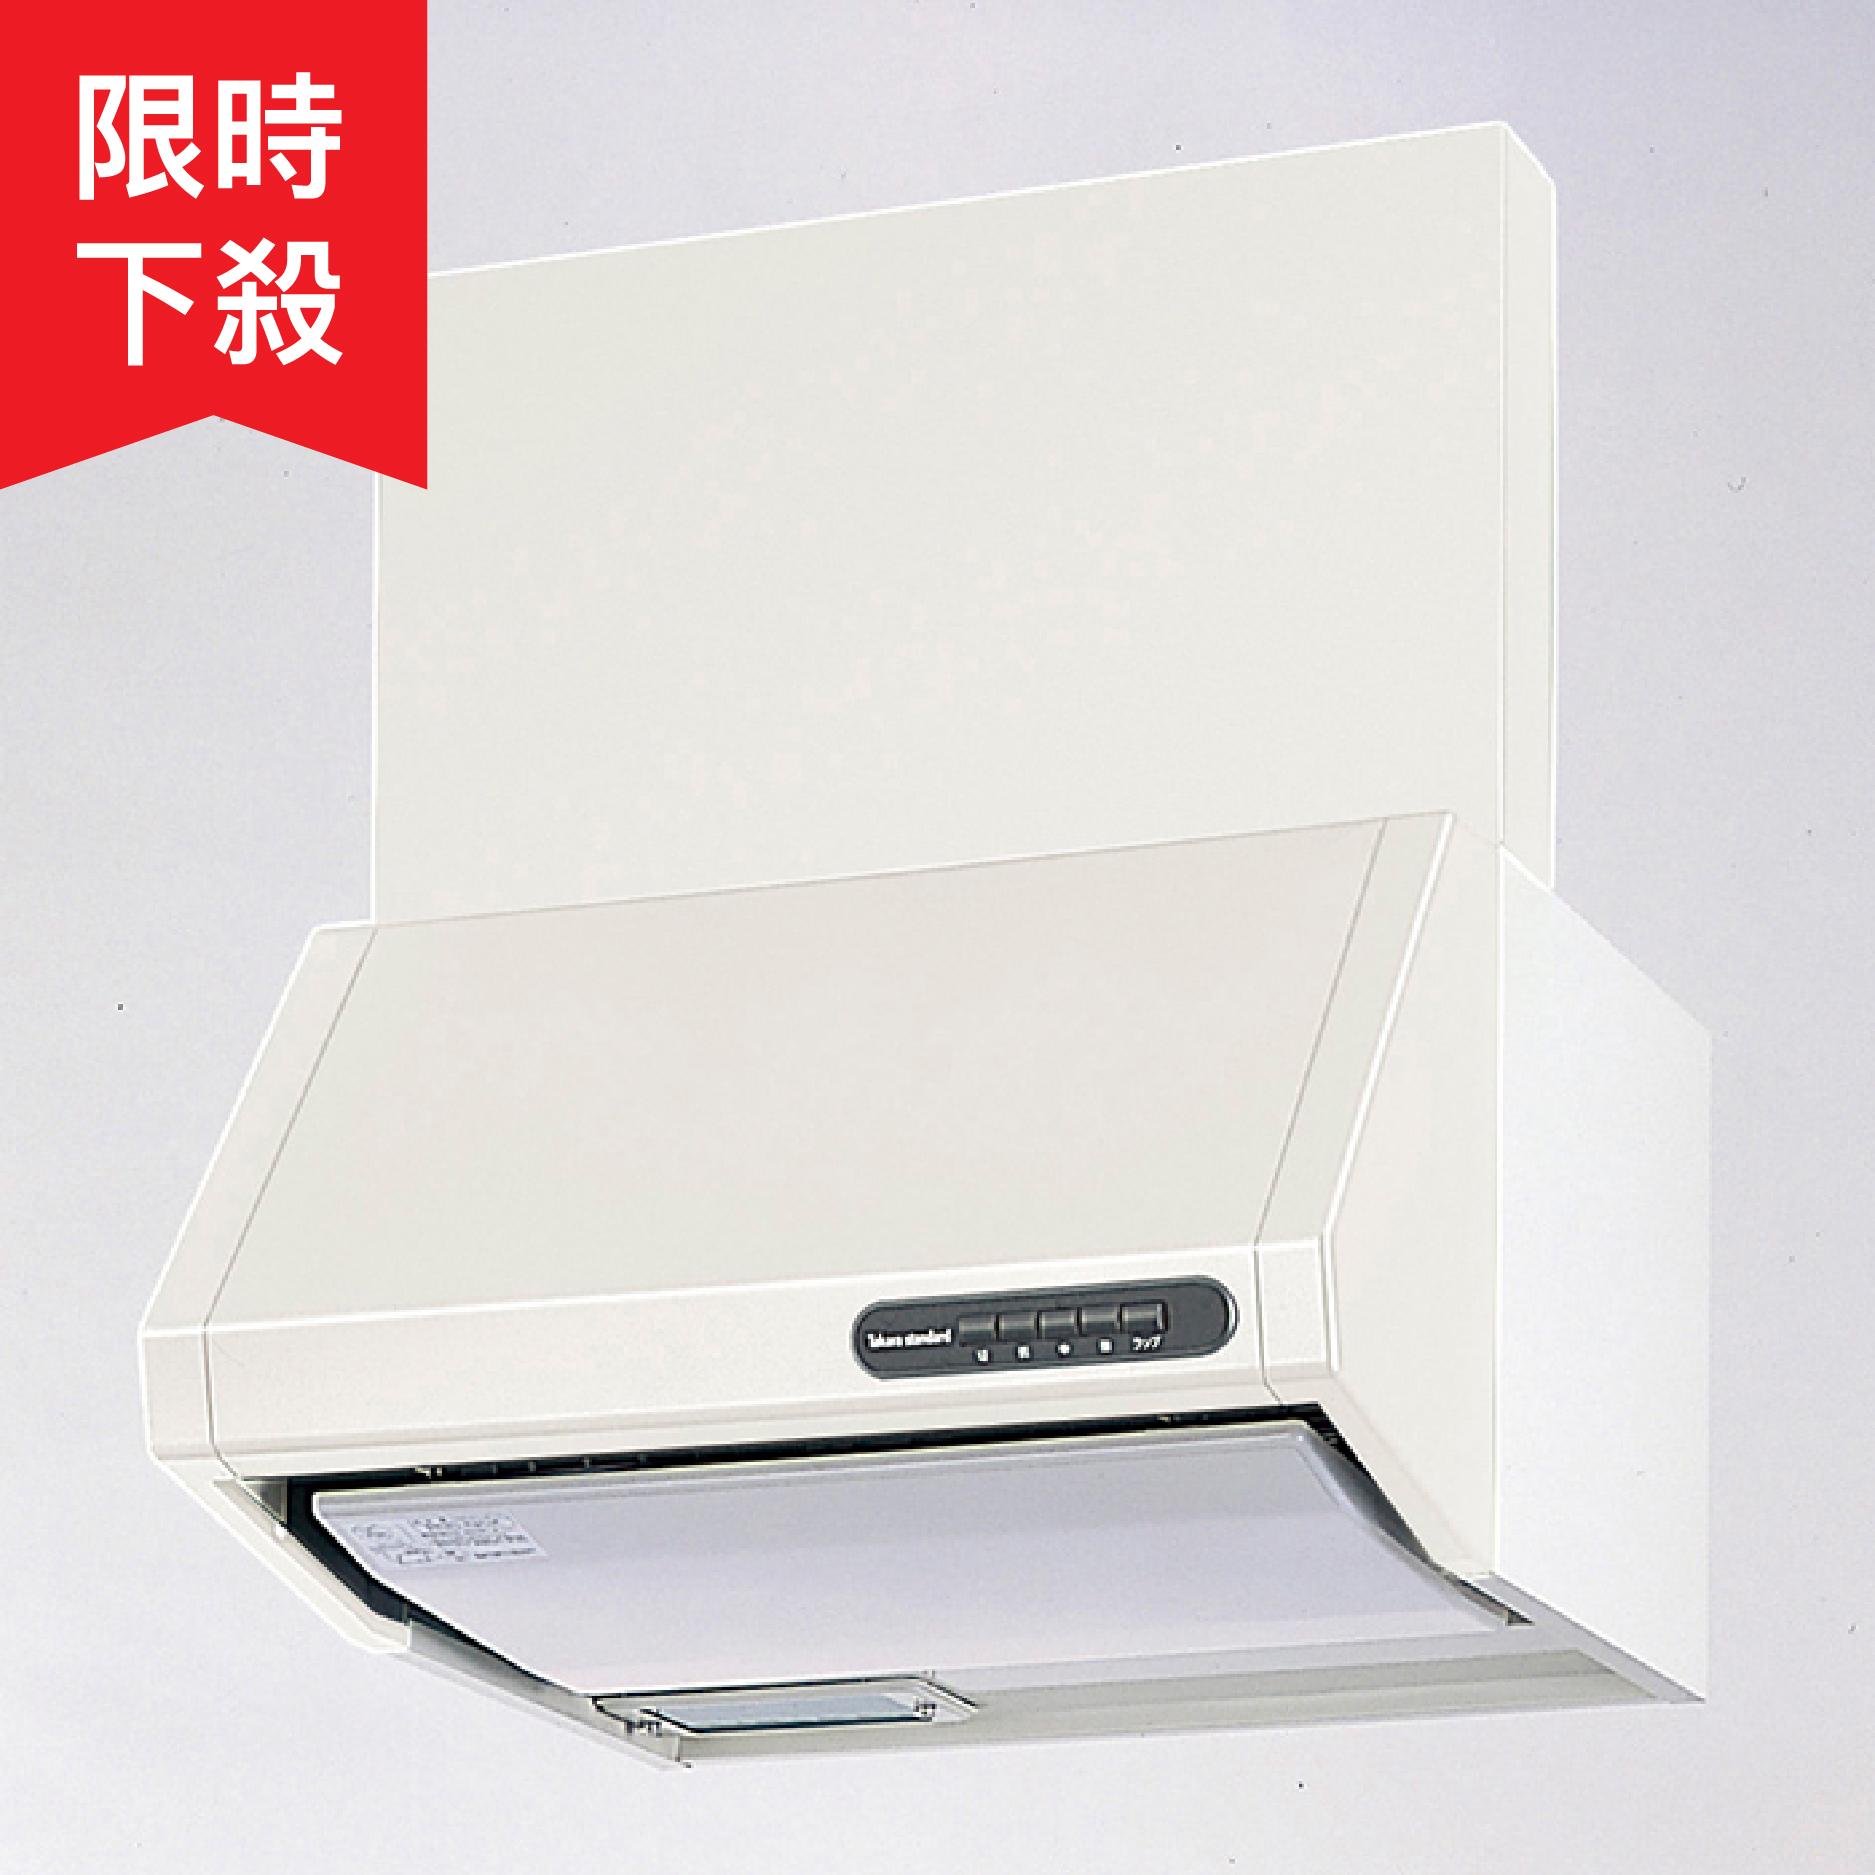 【預購】日本廚房用家電-Takara Standard 靜音環吸排油煙機【RUS75F】強大吸力,靜音除味,保持居家空氣清新